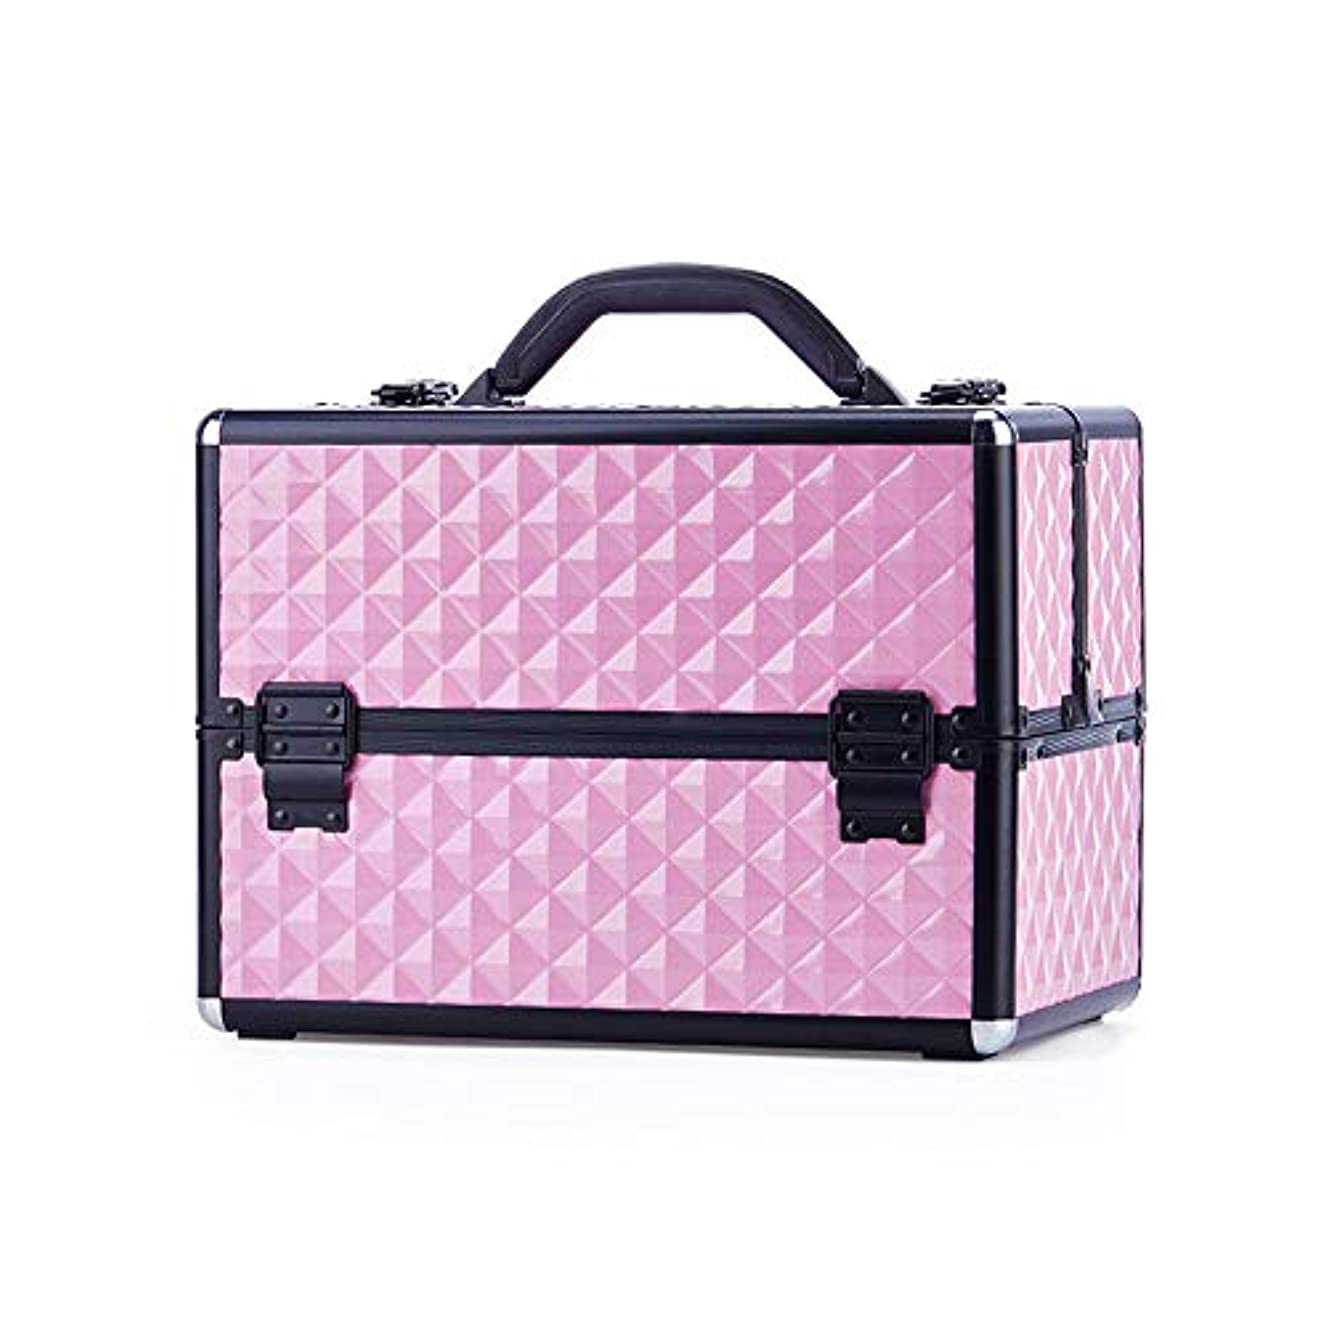 アルプスドリンク後世特大スペース収納ビューティーボックス 美の構造のためそしてジッパーおよび折る皿が付いている女の子の女性旅行そして毎日の貯蔵のための高容量の携帯用化粧品袋 化粧品化粧台 (色 : ピンク)